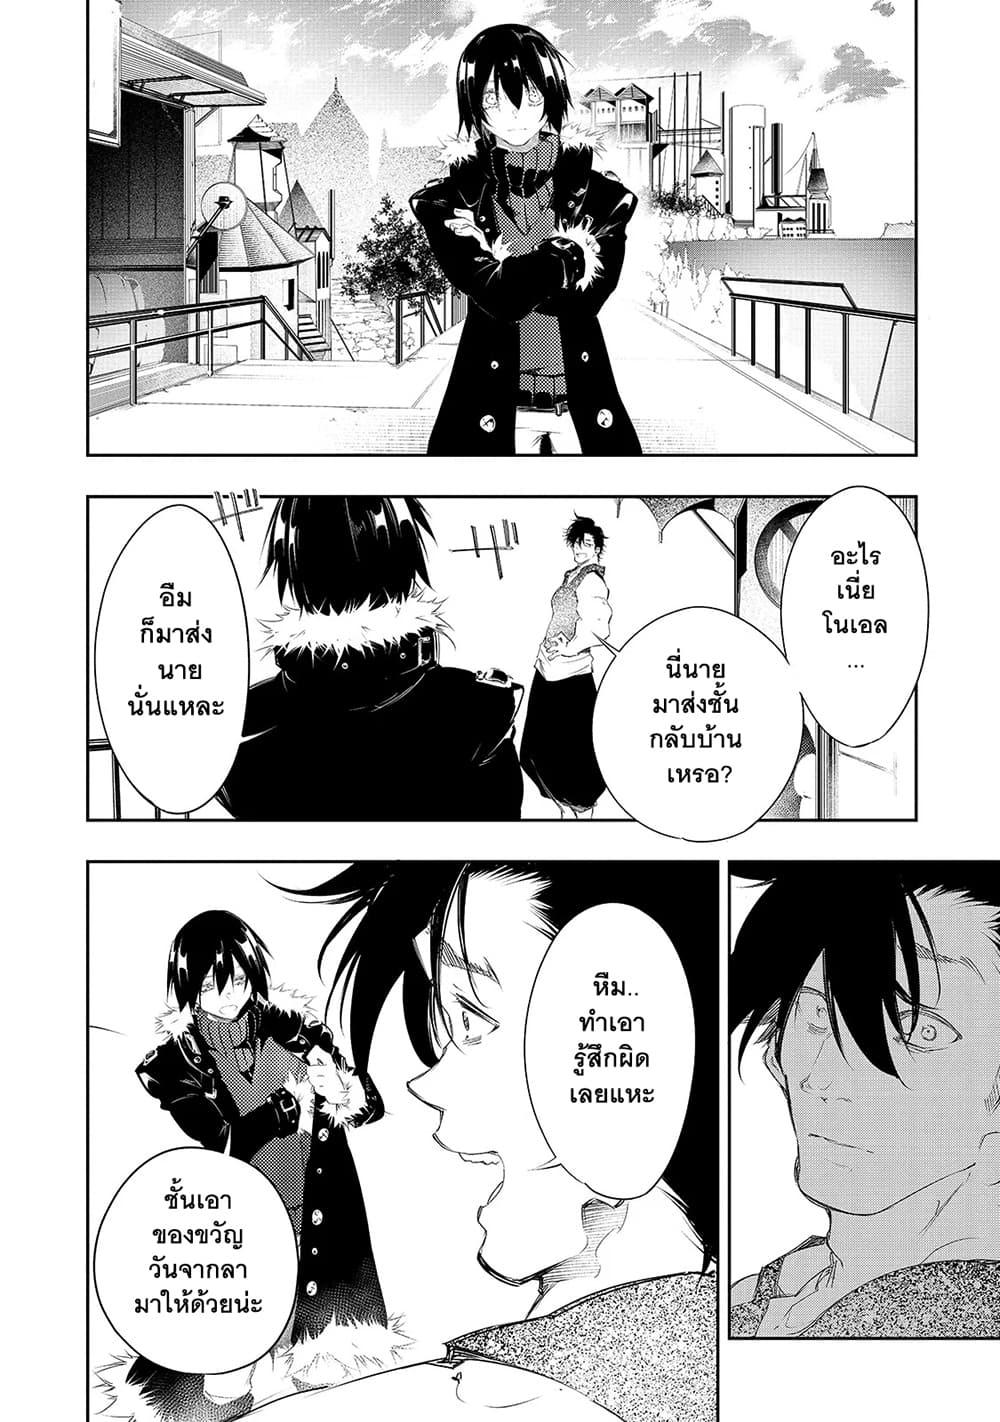 อ่านการ์ตูน Saikyou no Shien-shoku Wajutsushi Dearu Ore wa Sekai Saikyou Kuran o Shitagaeru ตอนที่ 8 หน้าที่ 14